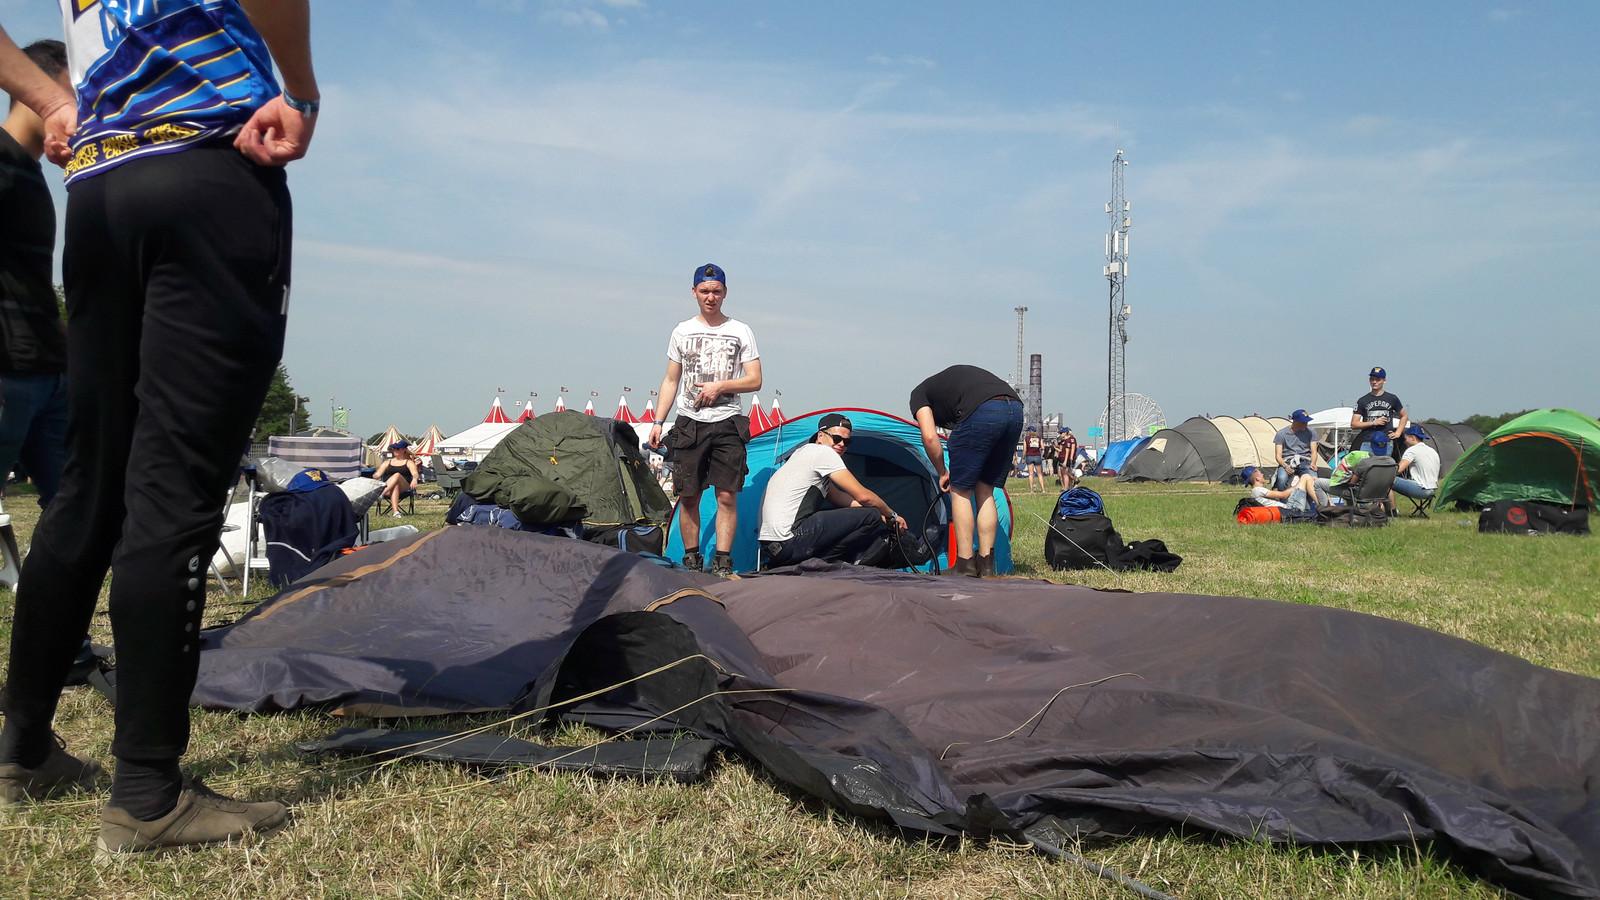 De tenten worden opgezet bij de Zwarte Cross